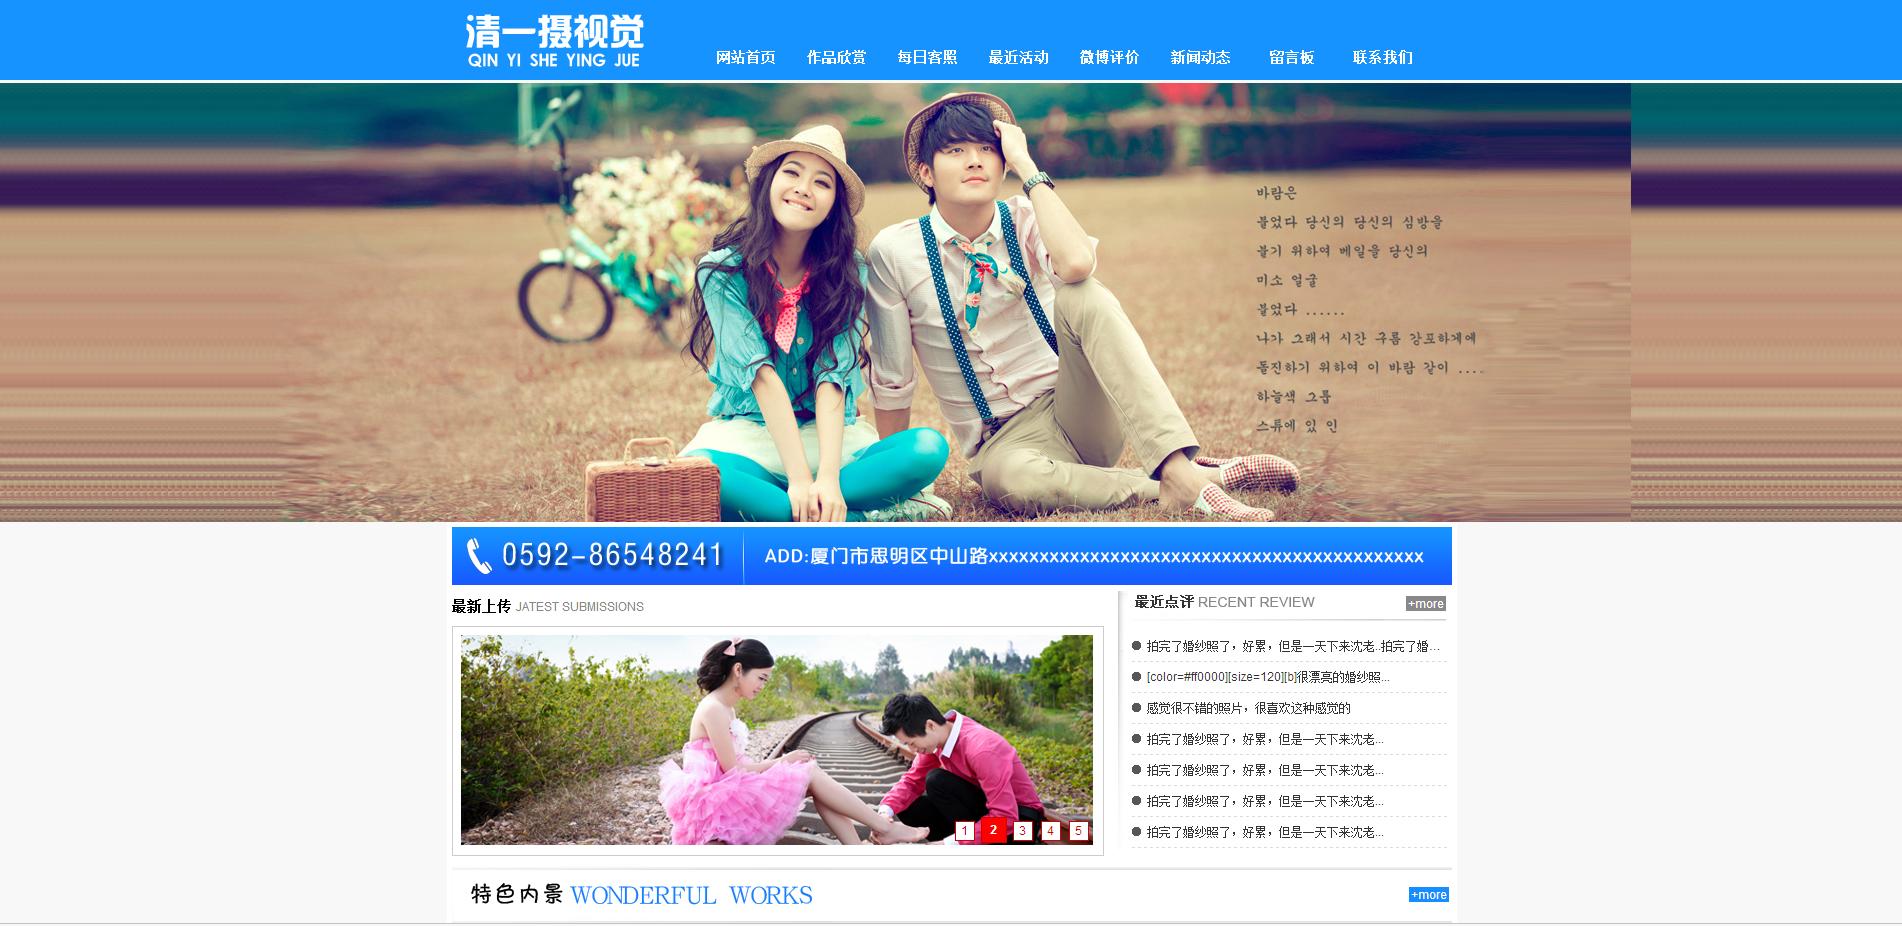 蓝色简约婚纱摄影网站模板下载